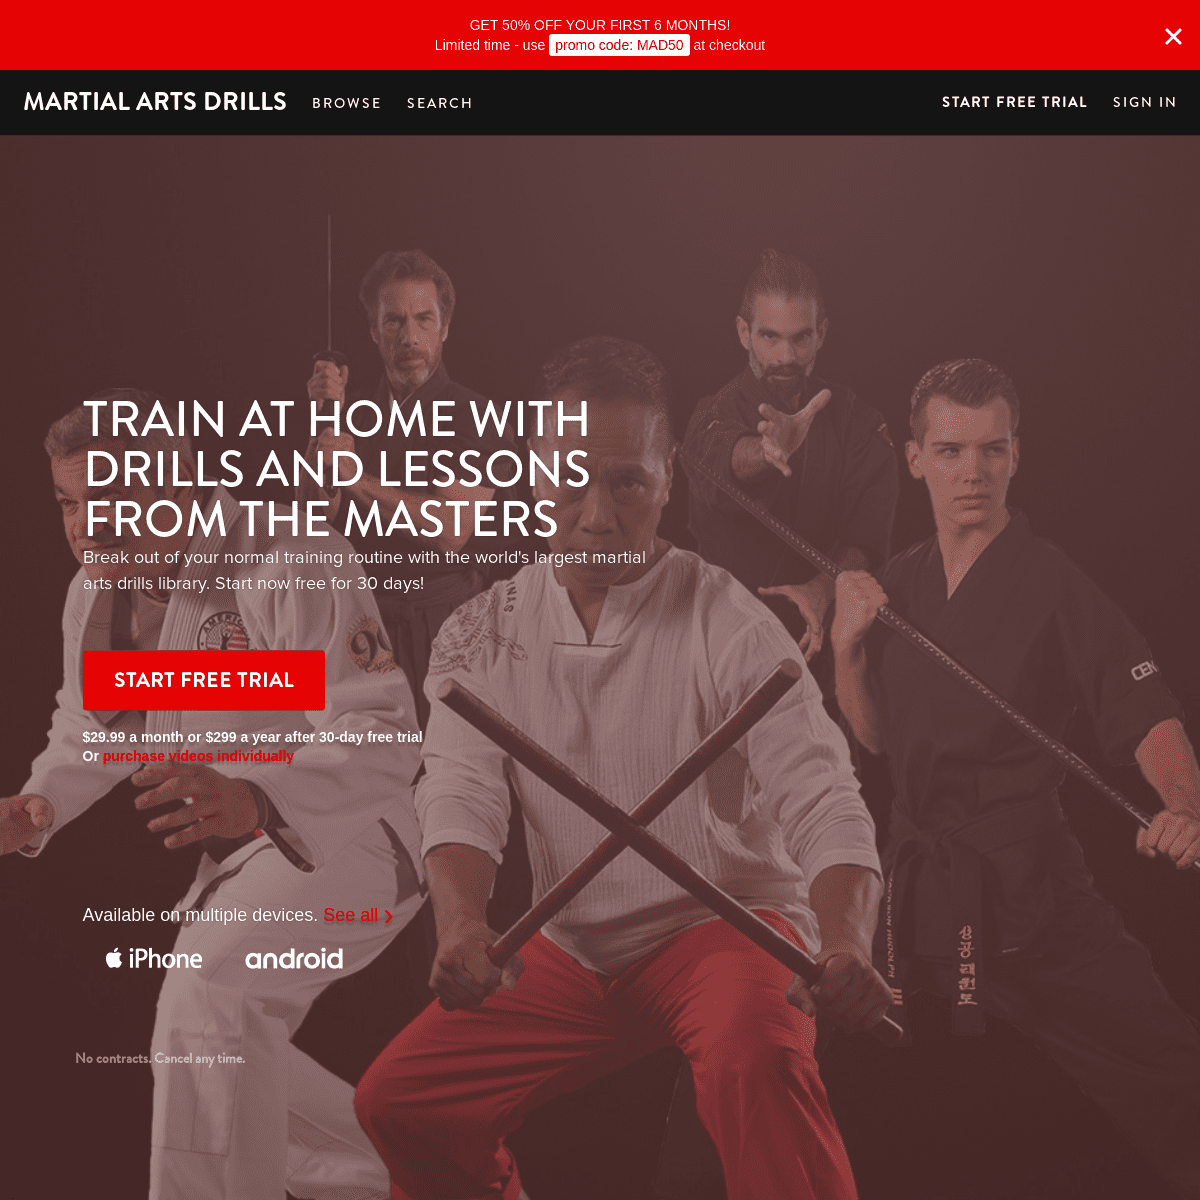 ArchiveBay.com - blackbeltstreaming.com - Martial Arts Drills